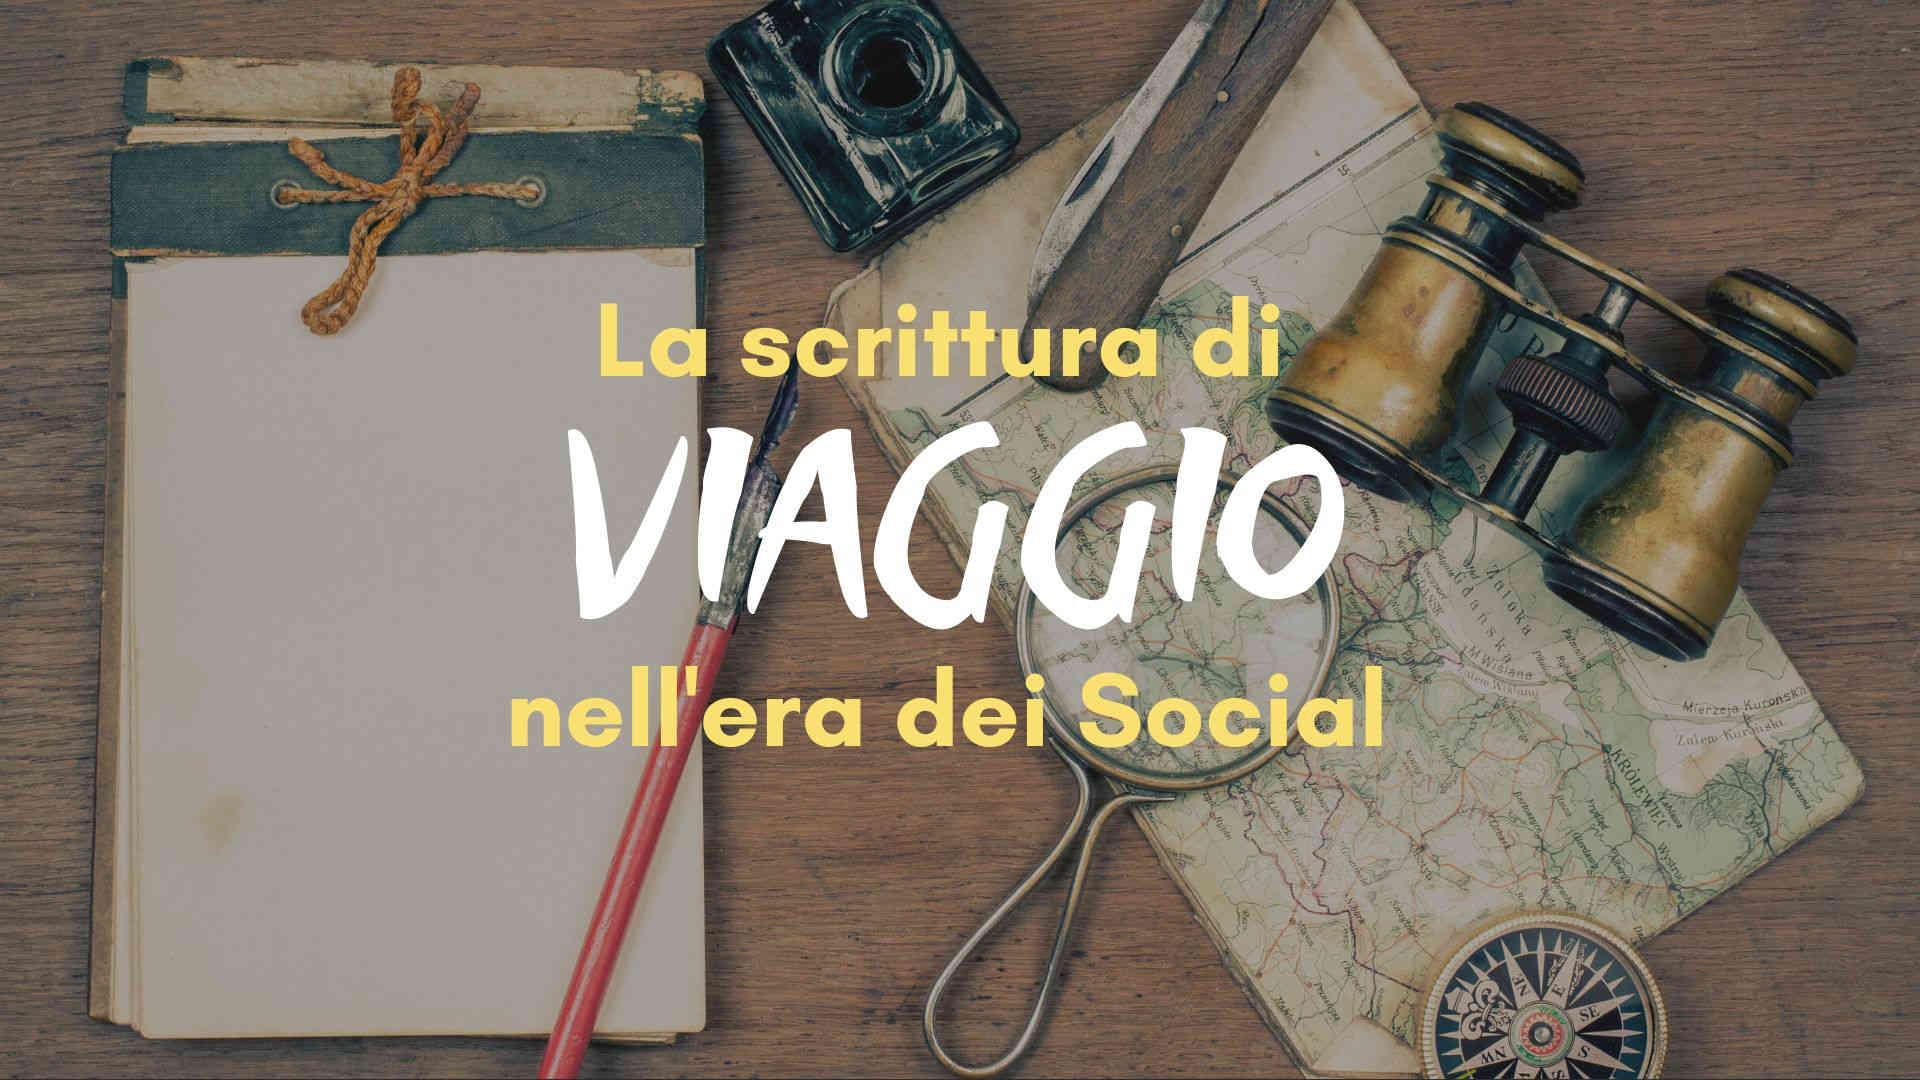 La scrittura di viaggio nell'era dei Social